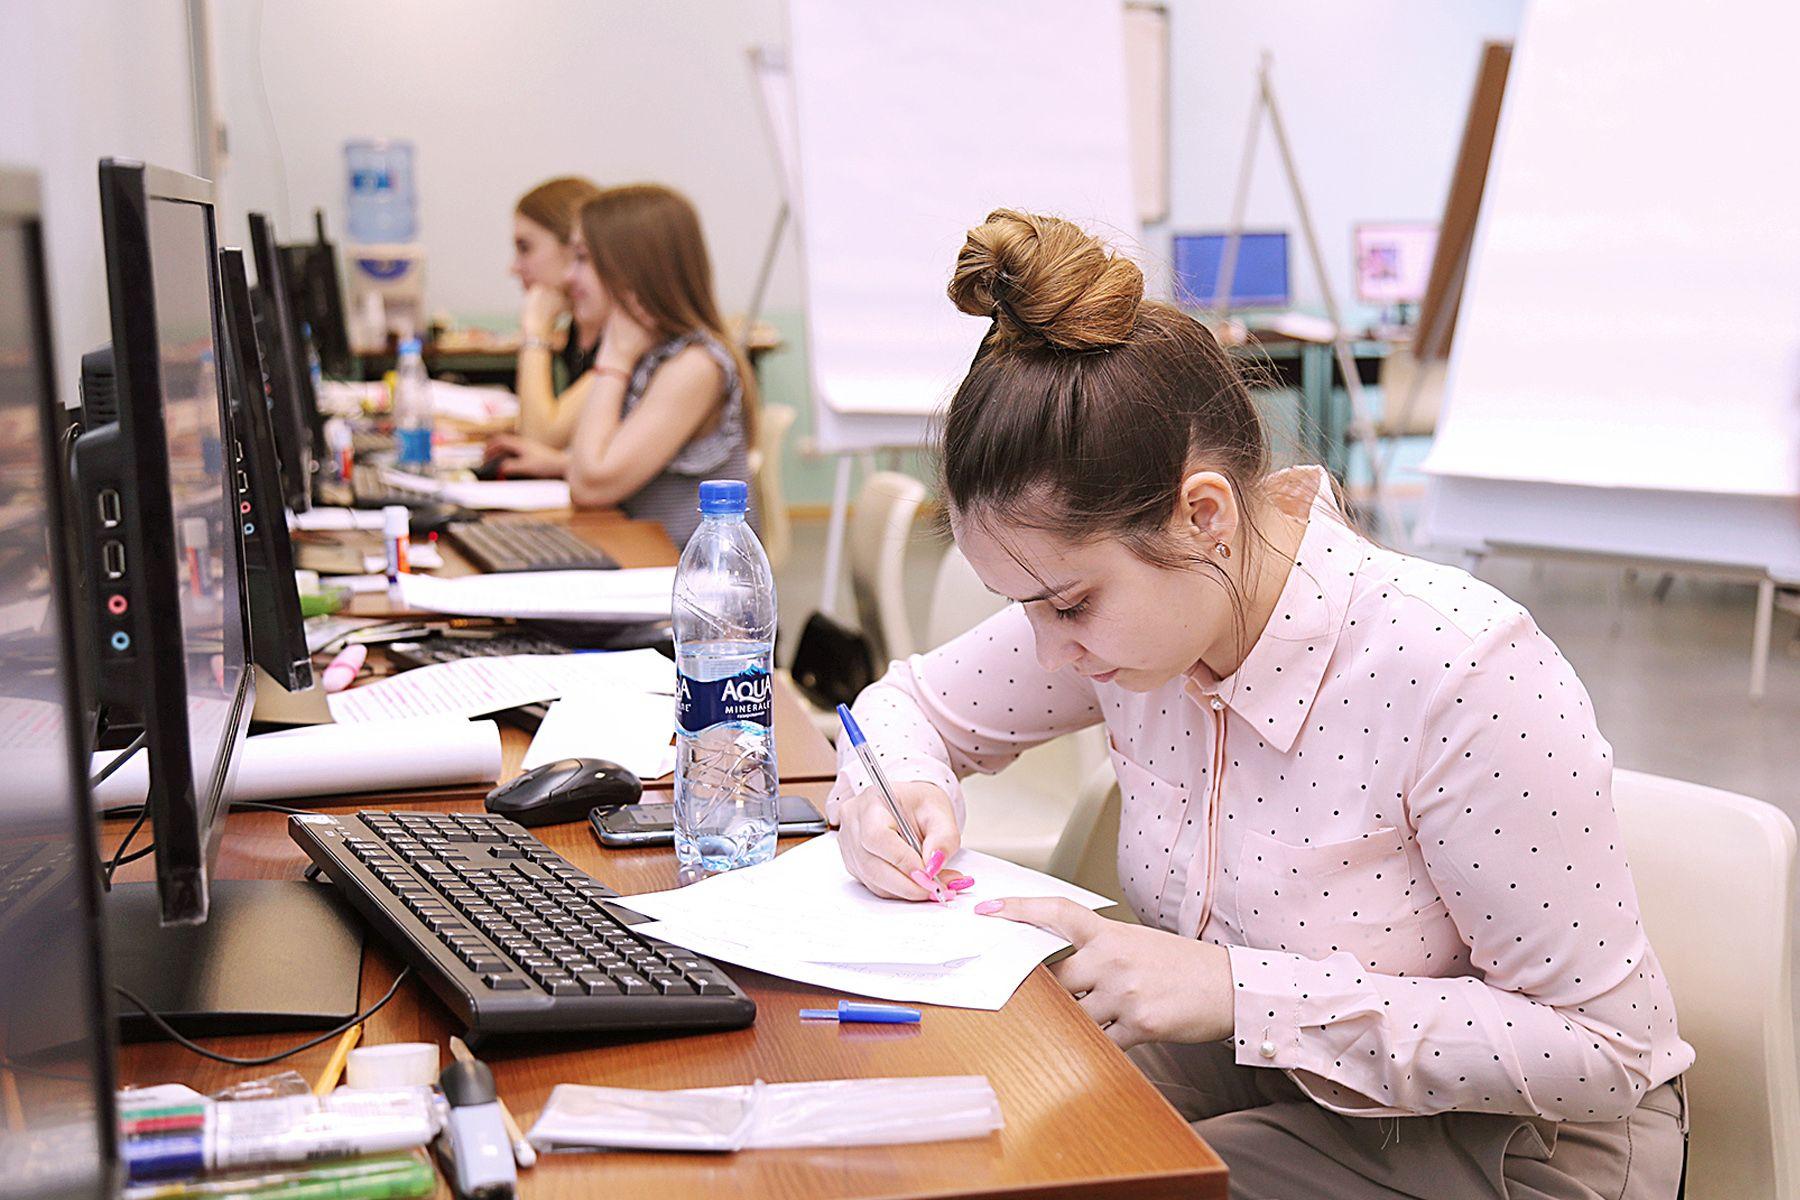 Студентов ВГУЭС проверяют по двум компетенциям: «Предпринимательство» и «Парикмахерское искусство»